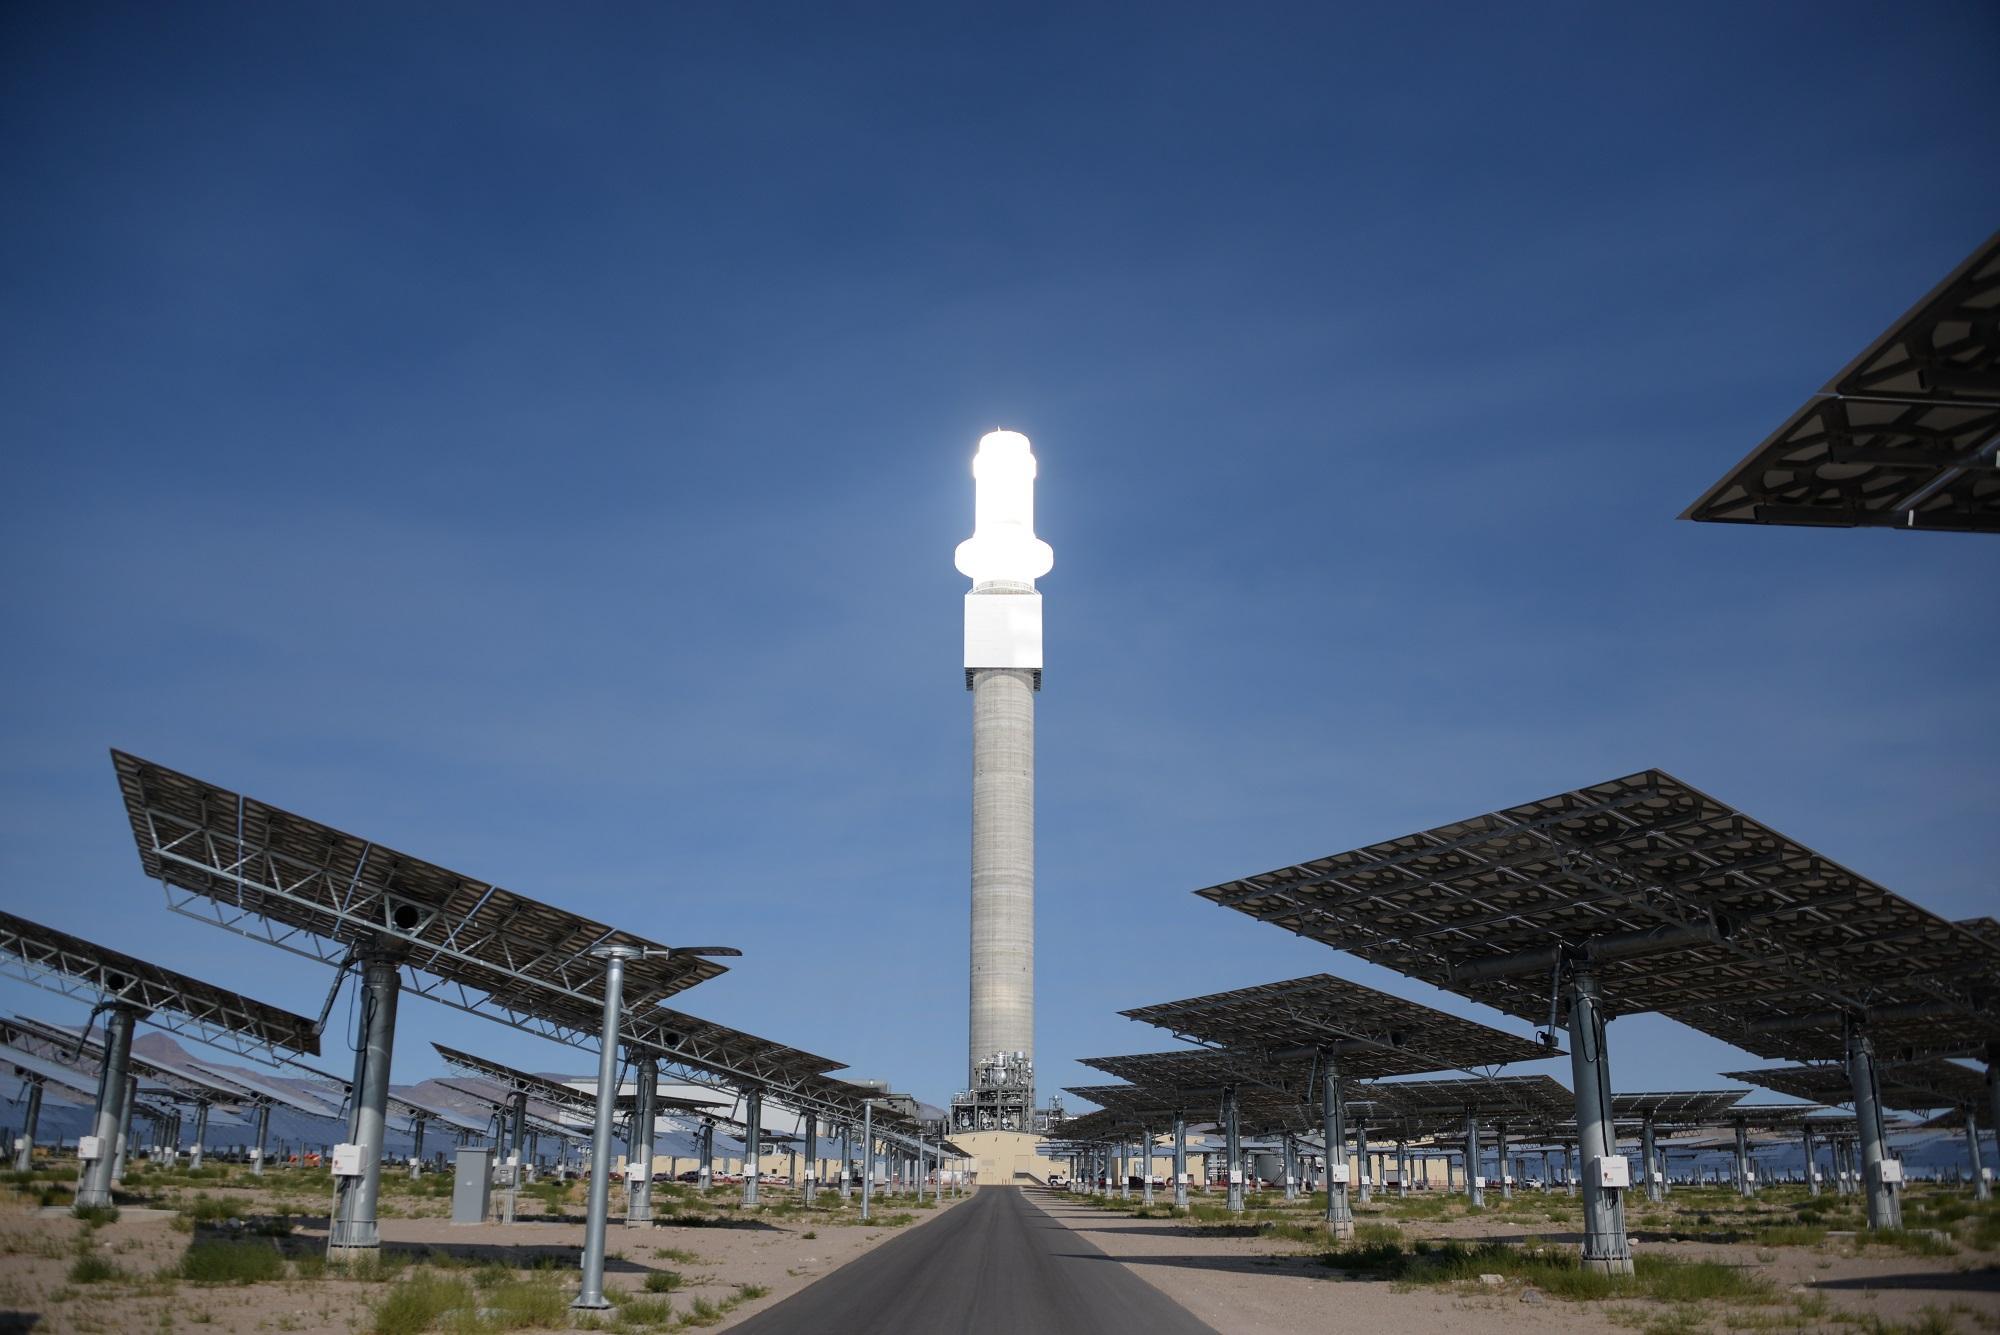 特斯拉在夏威夷建太阳能发电厂 可储存白天电力供晚上使用